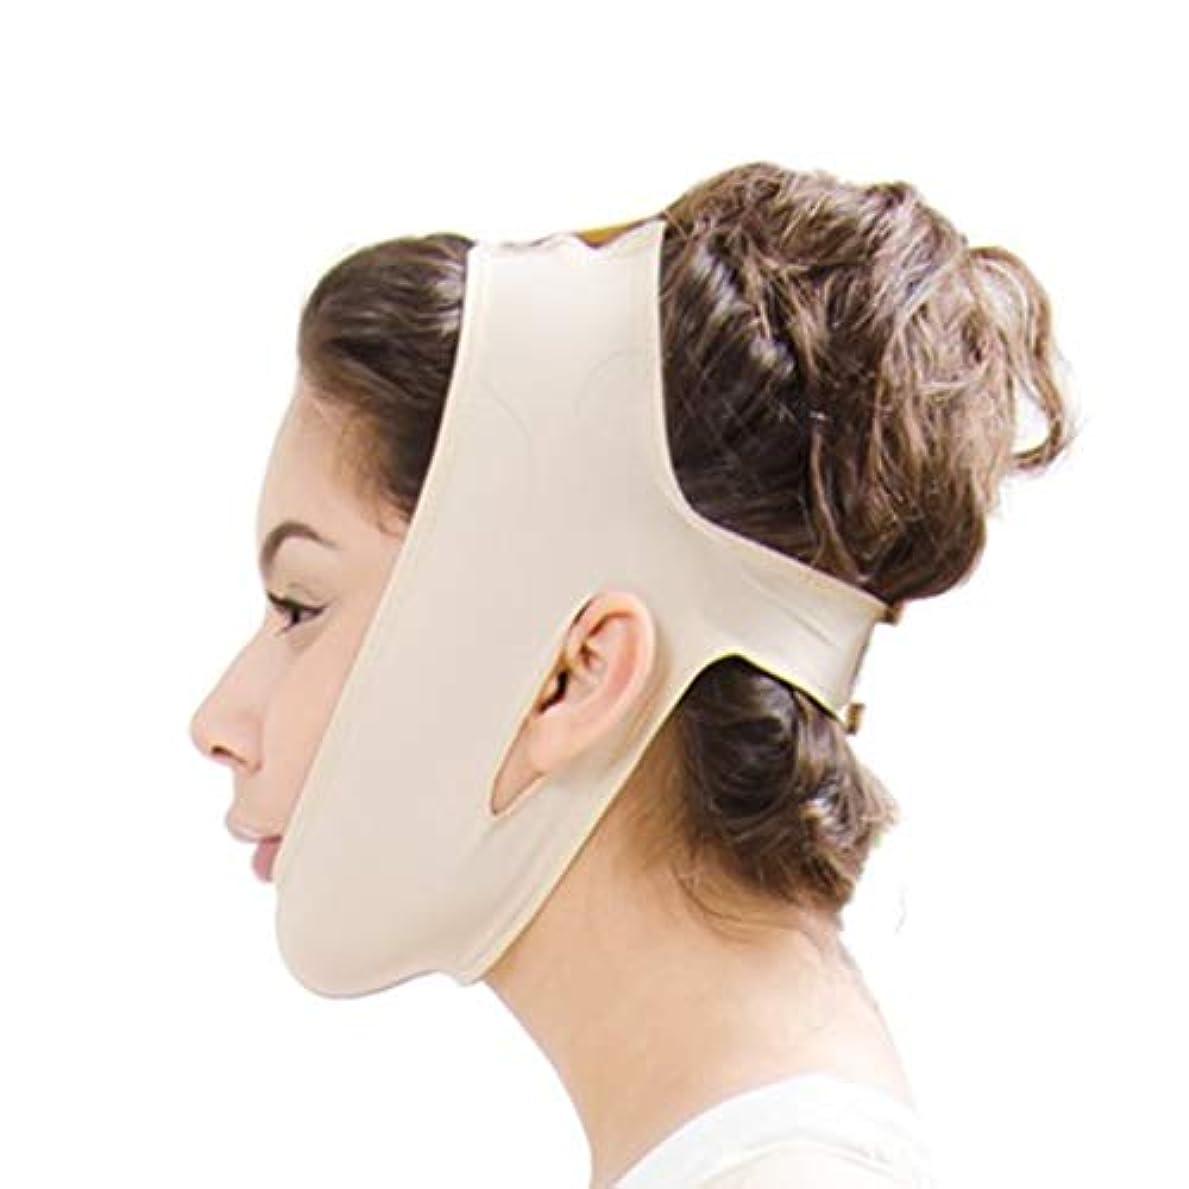 鋼必要ないランタンXHLMRMJ フェイスリフトマスク、圧縮後の顎顔面二重あご化粧品脂肪吸引小さな顔包帯弾性ヘッドギア (Size : XXL)